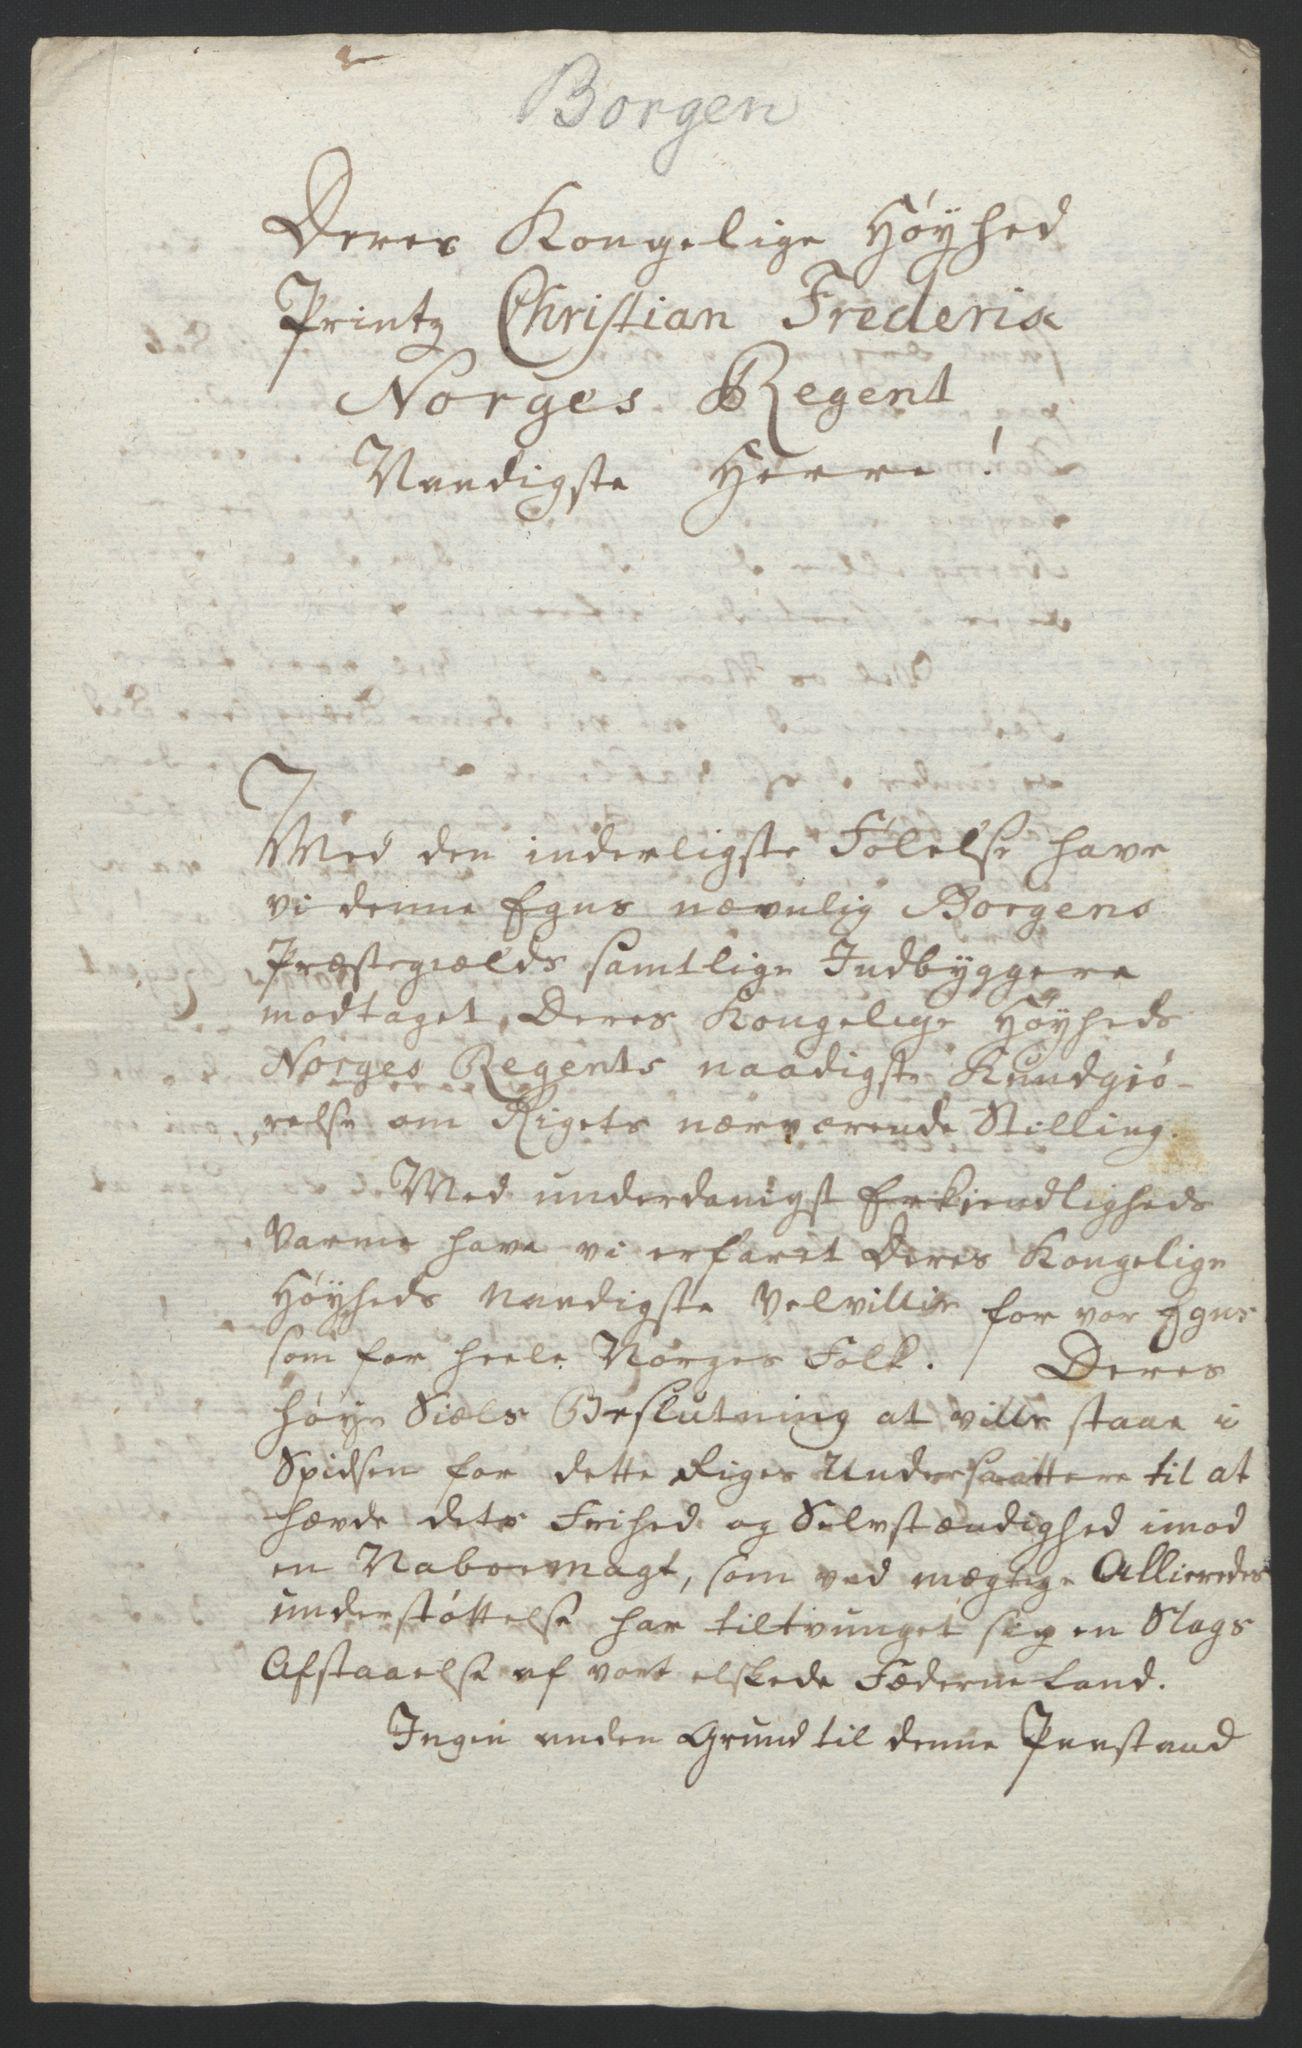 RA, Statsrådssekretariatet, D/Db/L0008: Fullmakter for Eidsvollsrepresentantene i 1814. , 1814, s. 363